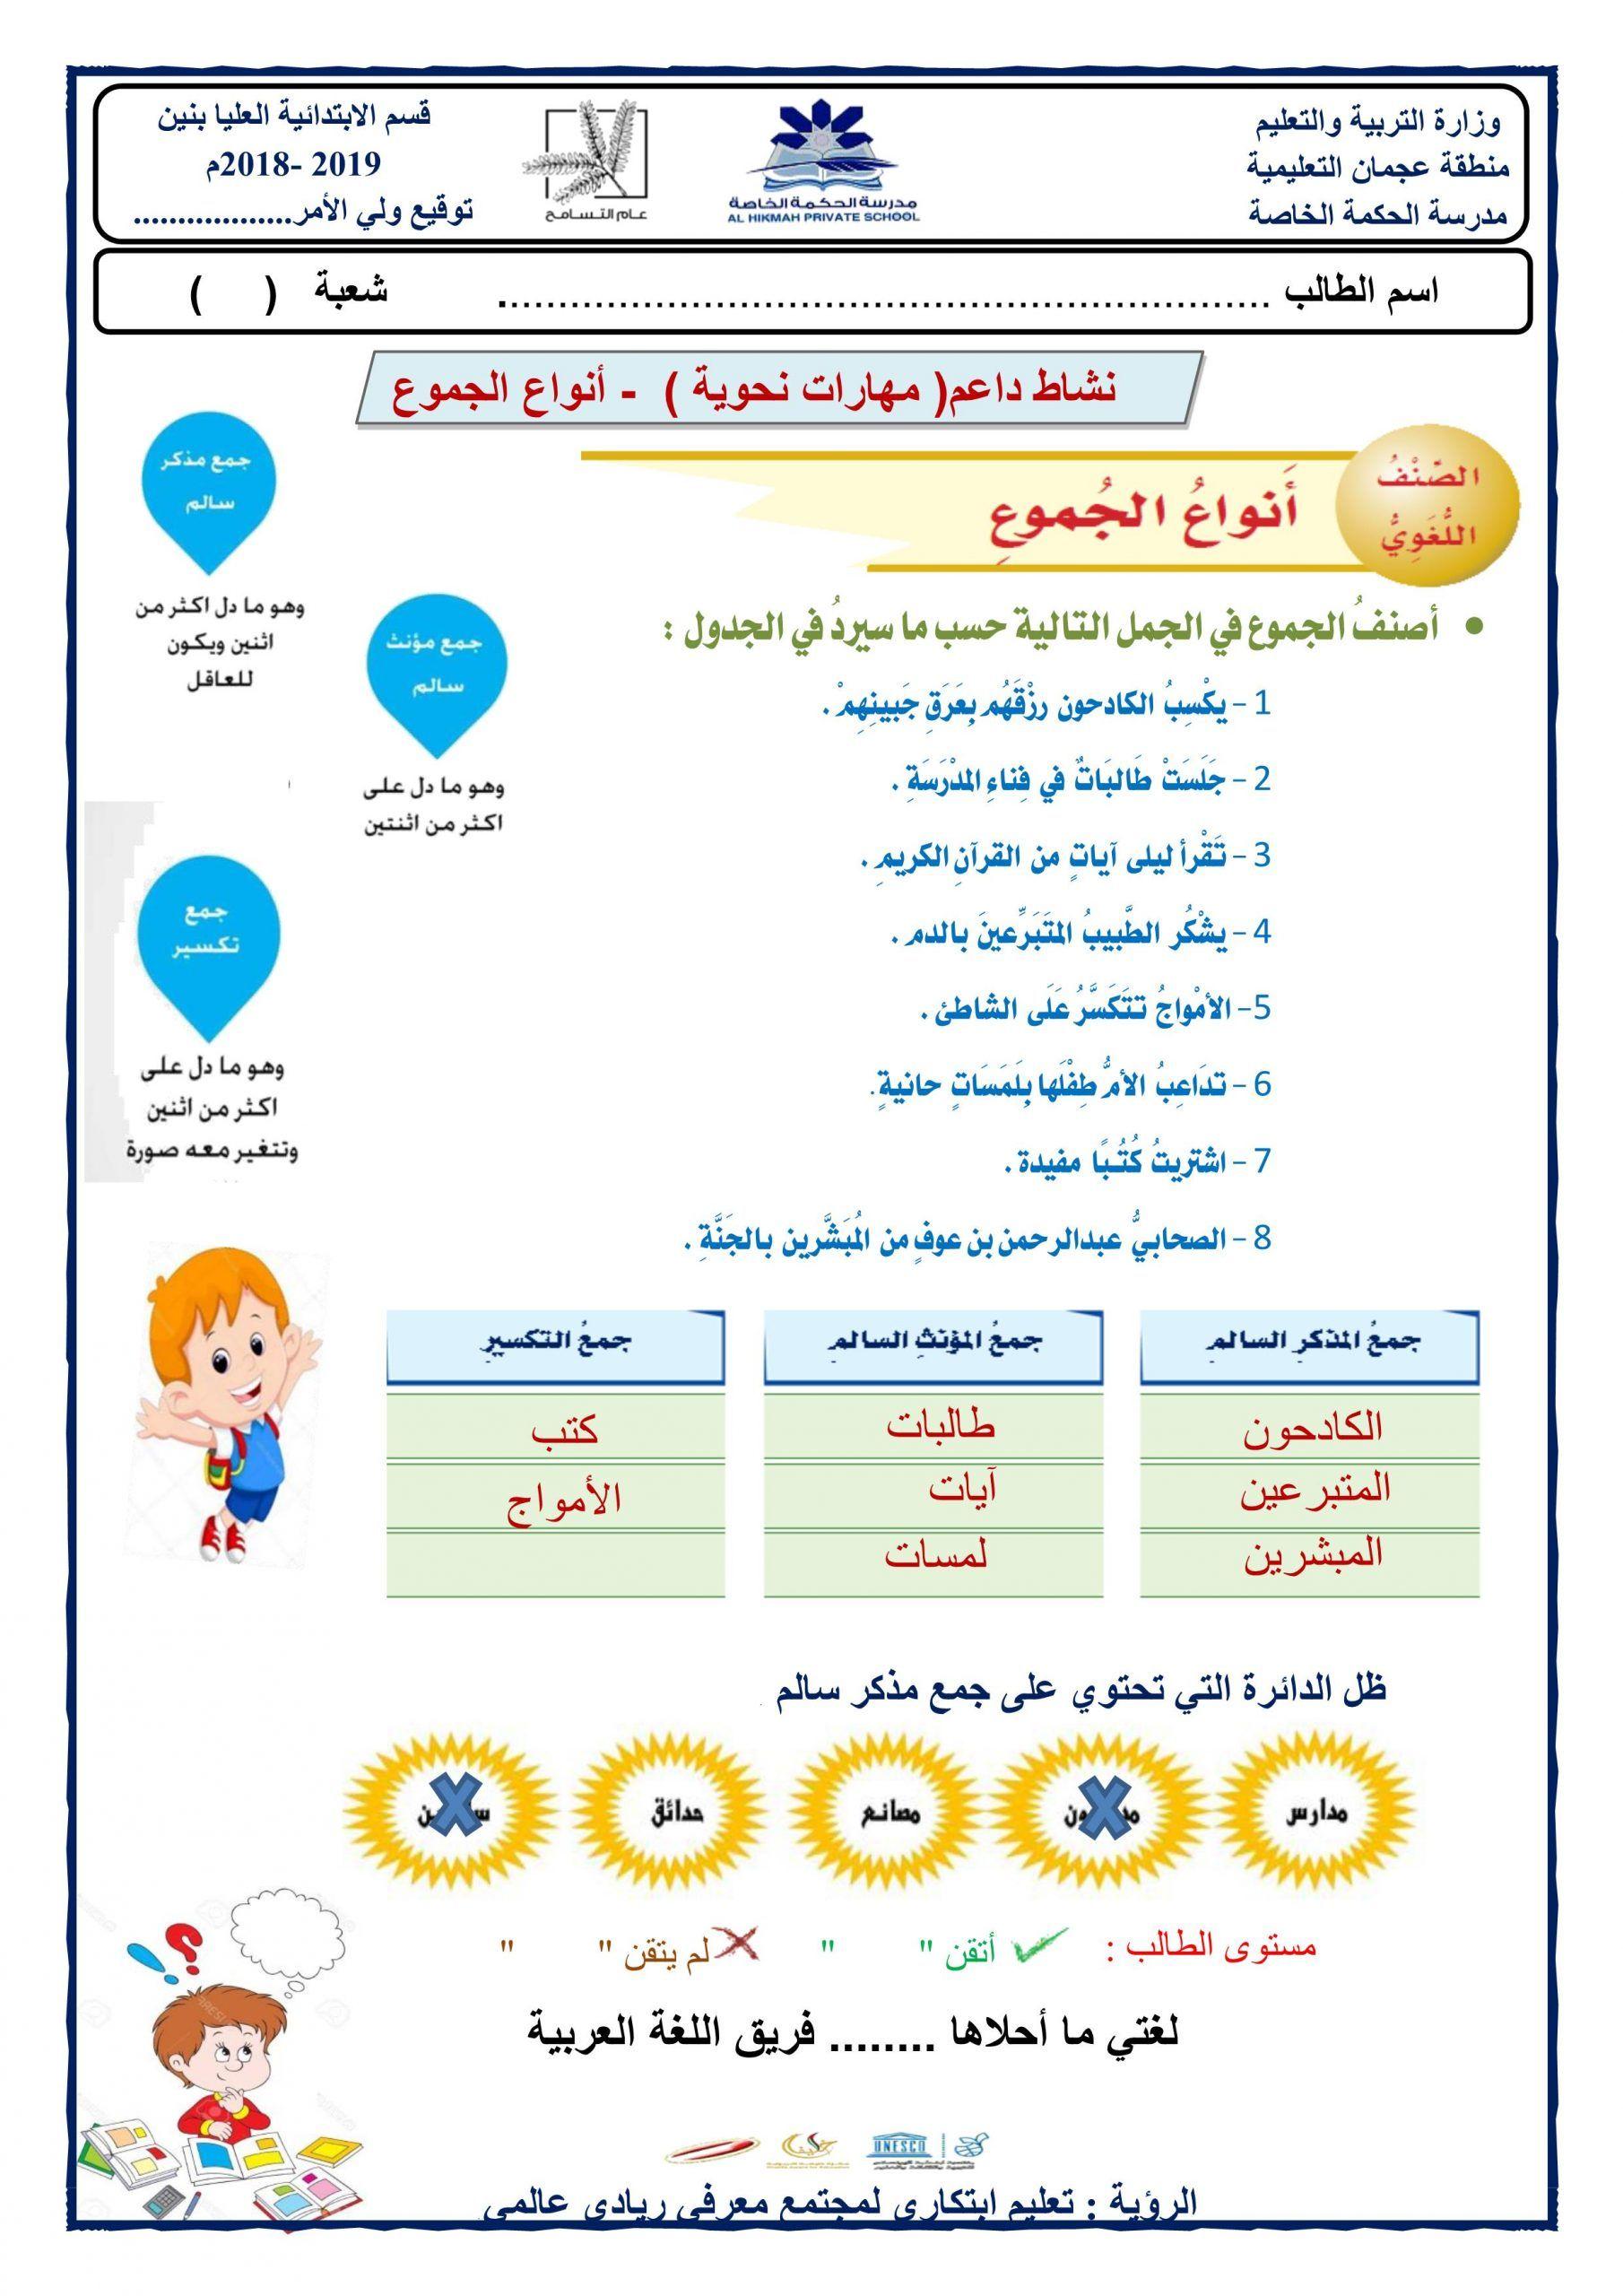 ورقة عمل درس انواع الجموع نشاط داعم للصف الرابع مادة اللغة العربية Map Map Screenshot